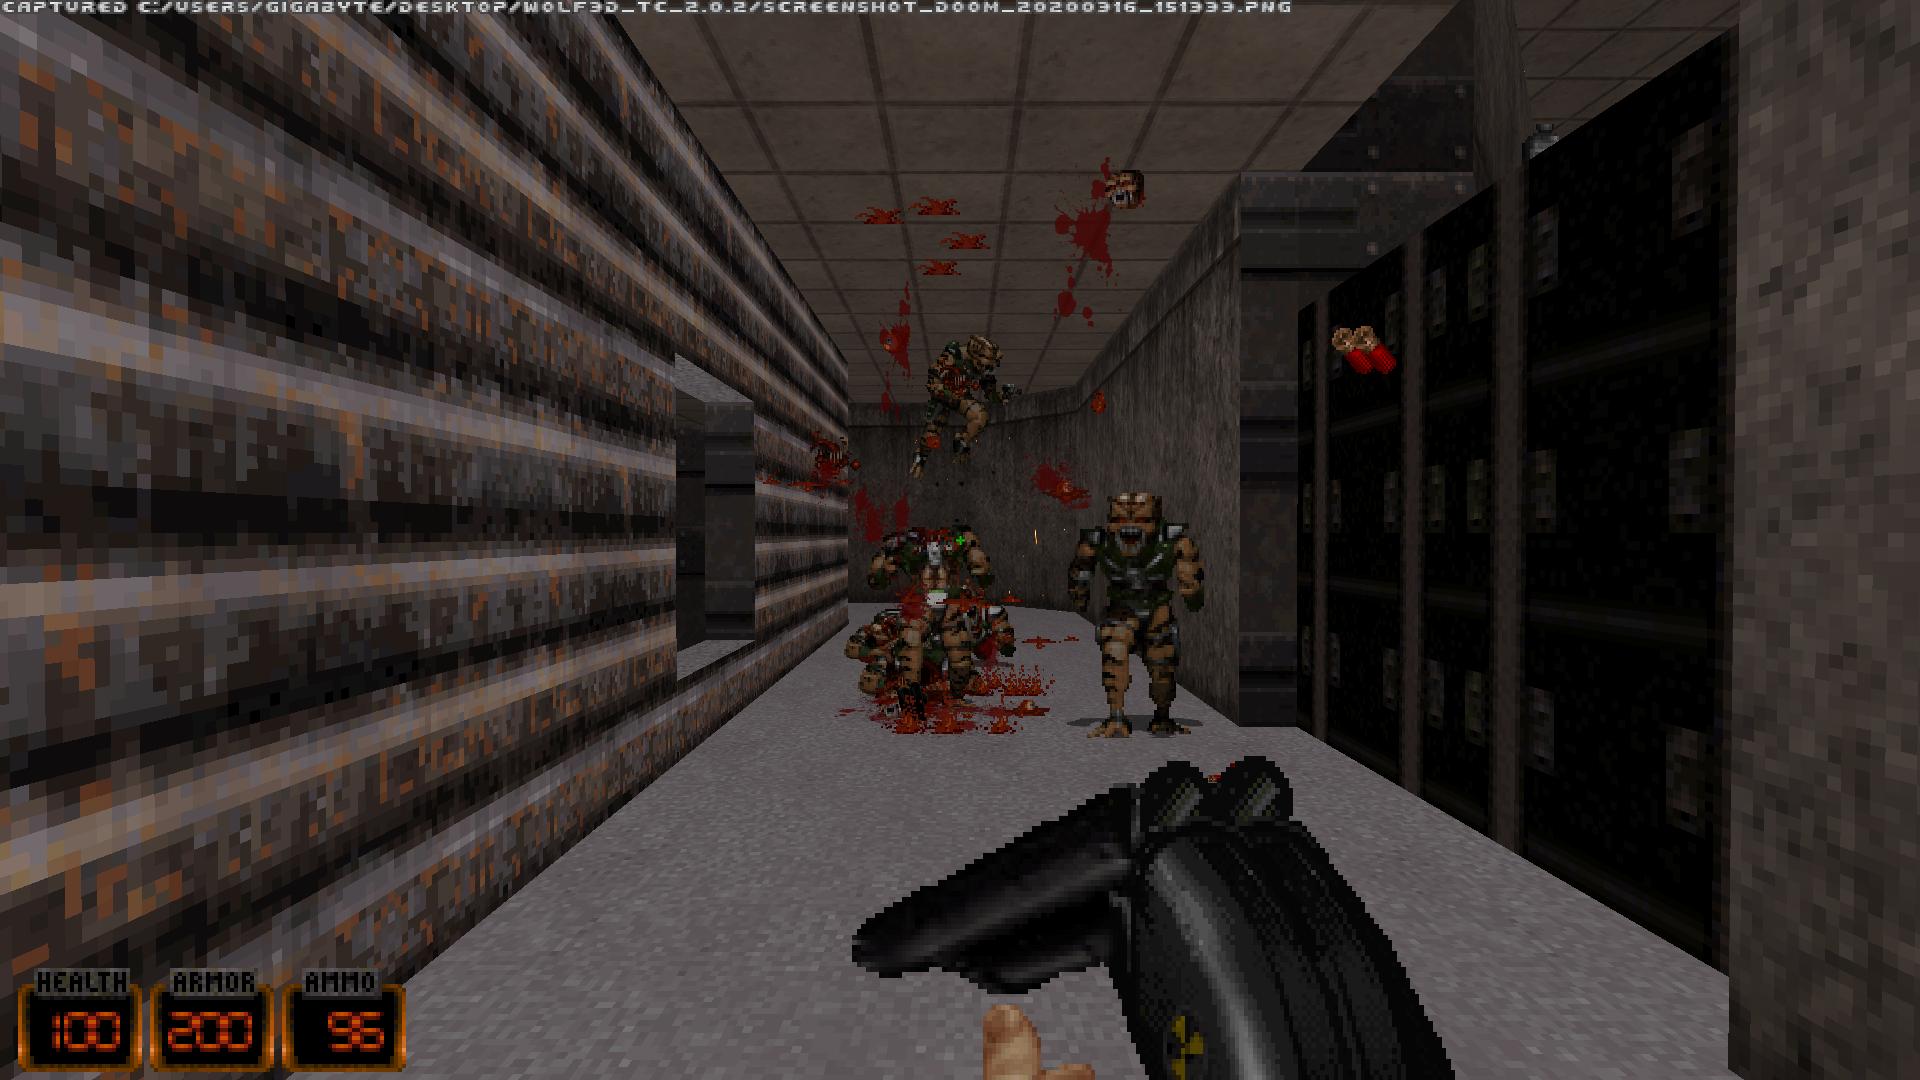 Screenshot_Doom_20200316_151336.png